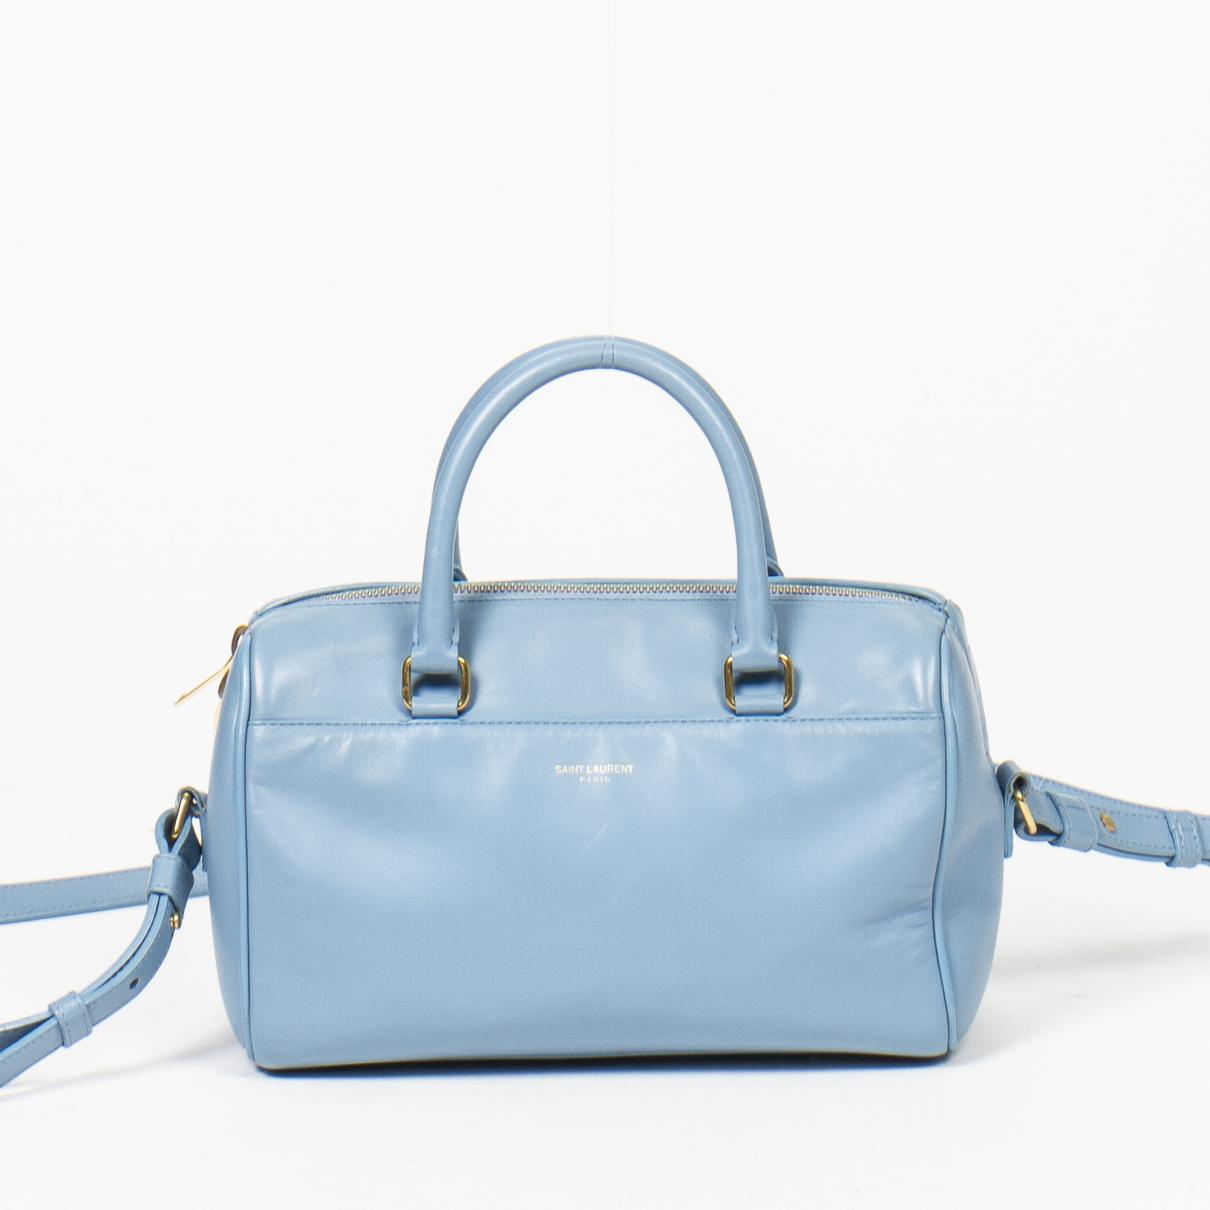 Yves Saint Laurent - Sac a main   pour femme en cuir - bleu